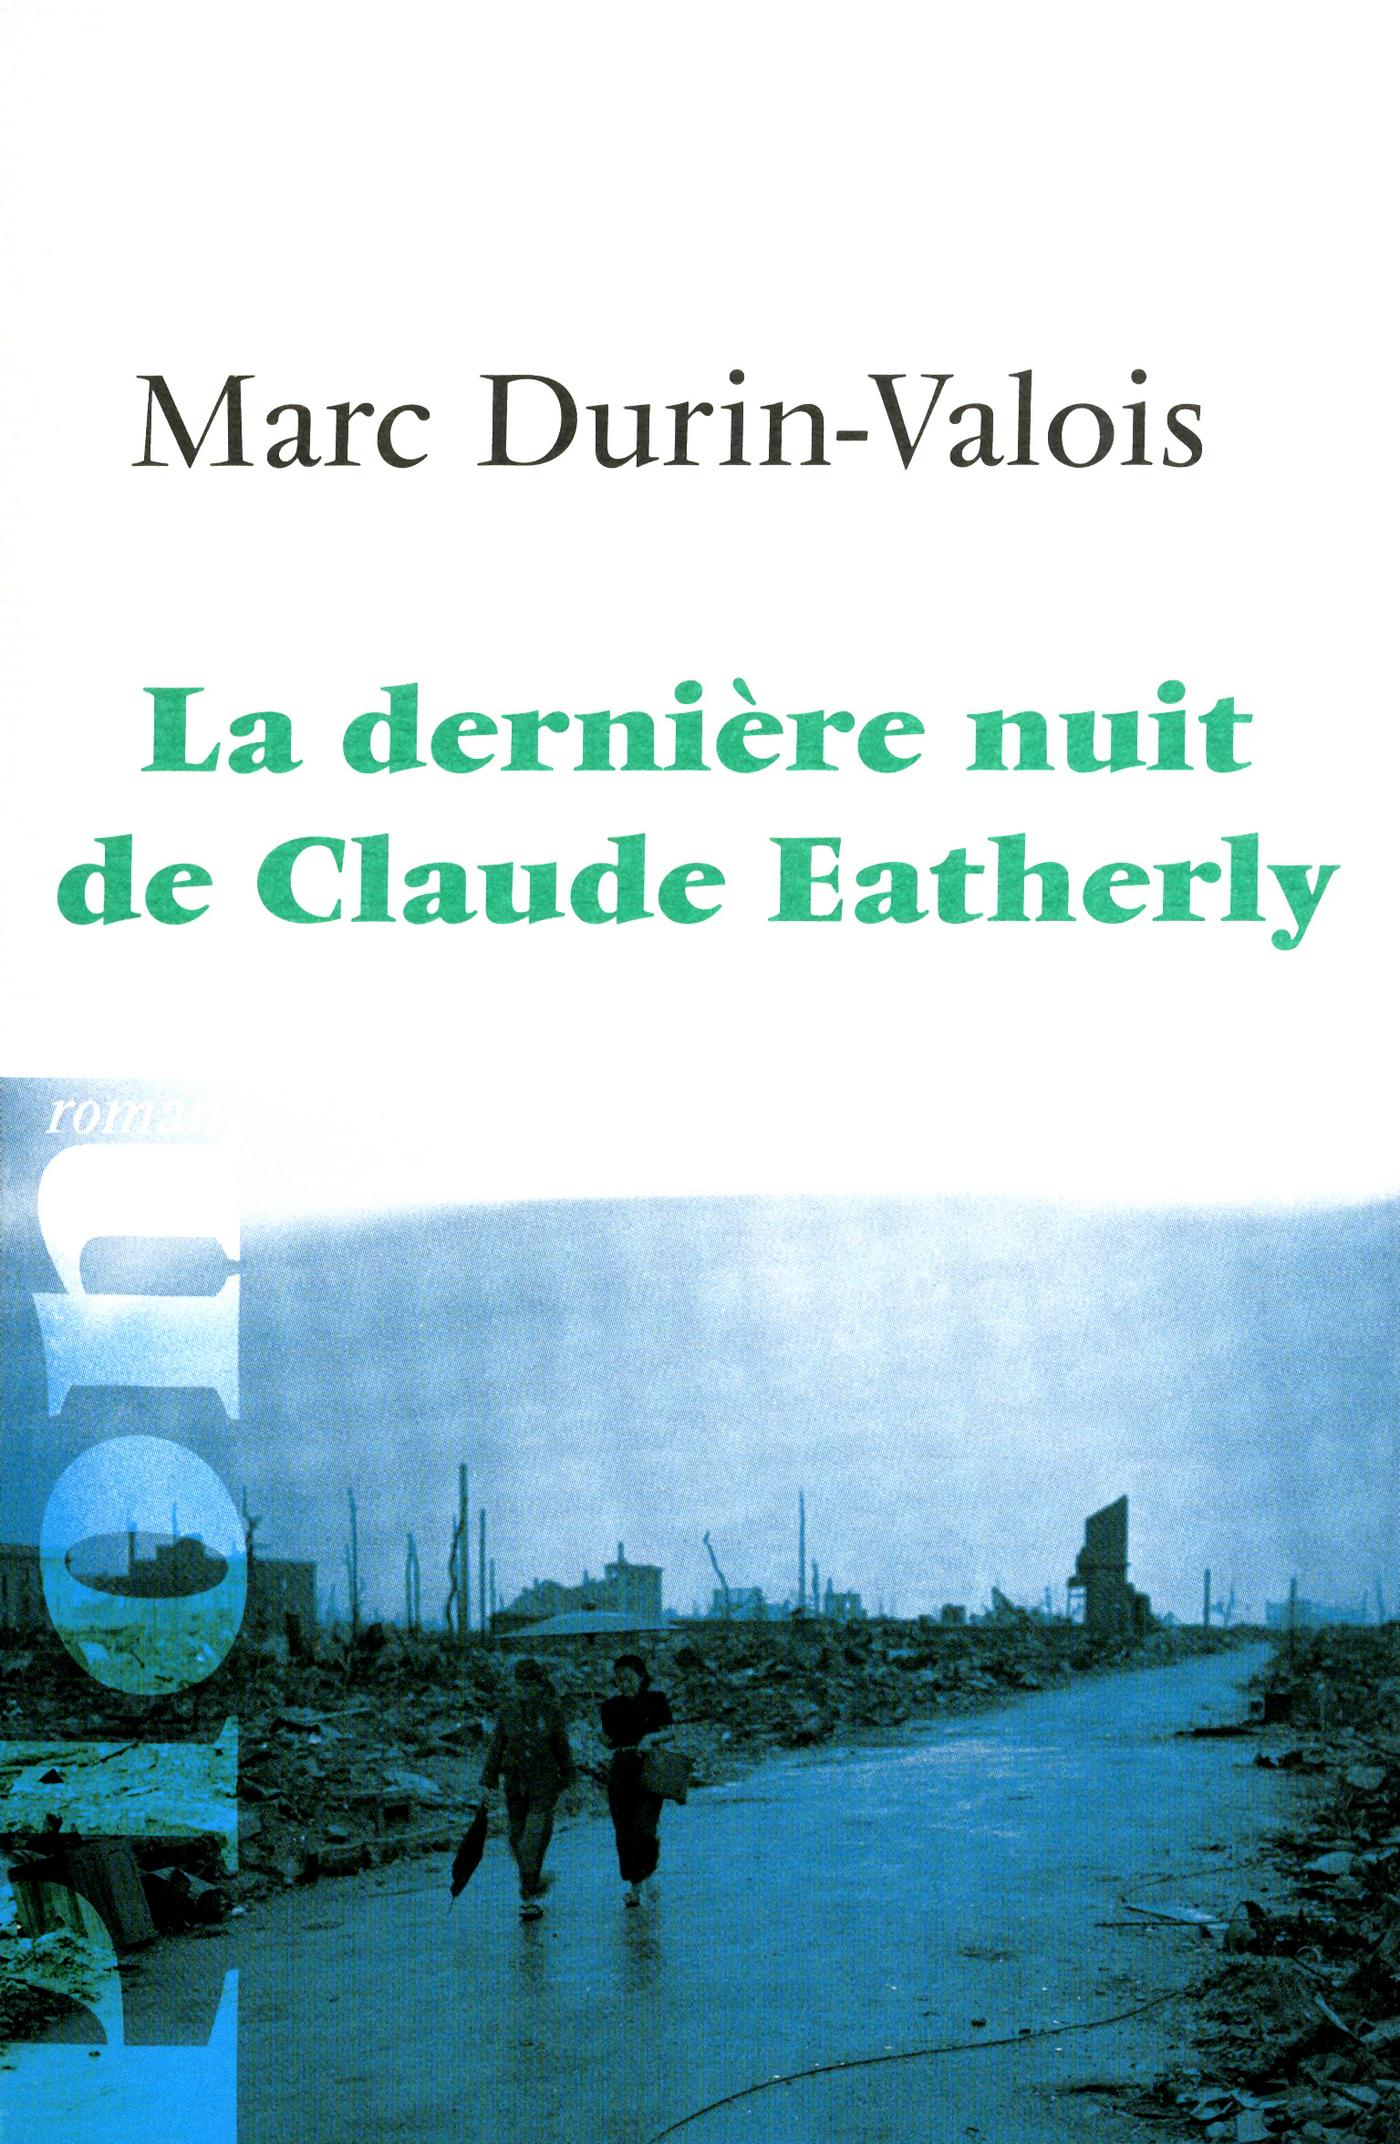 La dernière nuit de Claude Eatherly